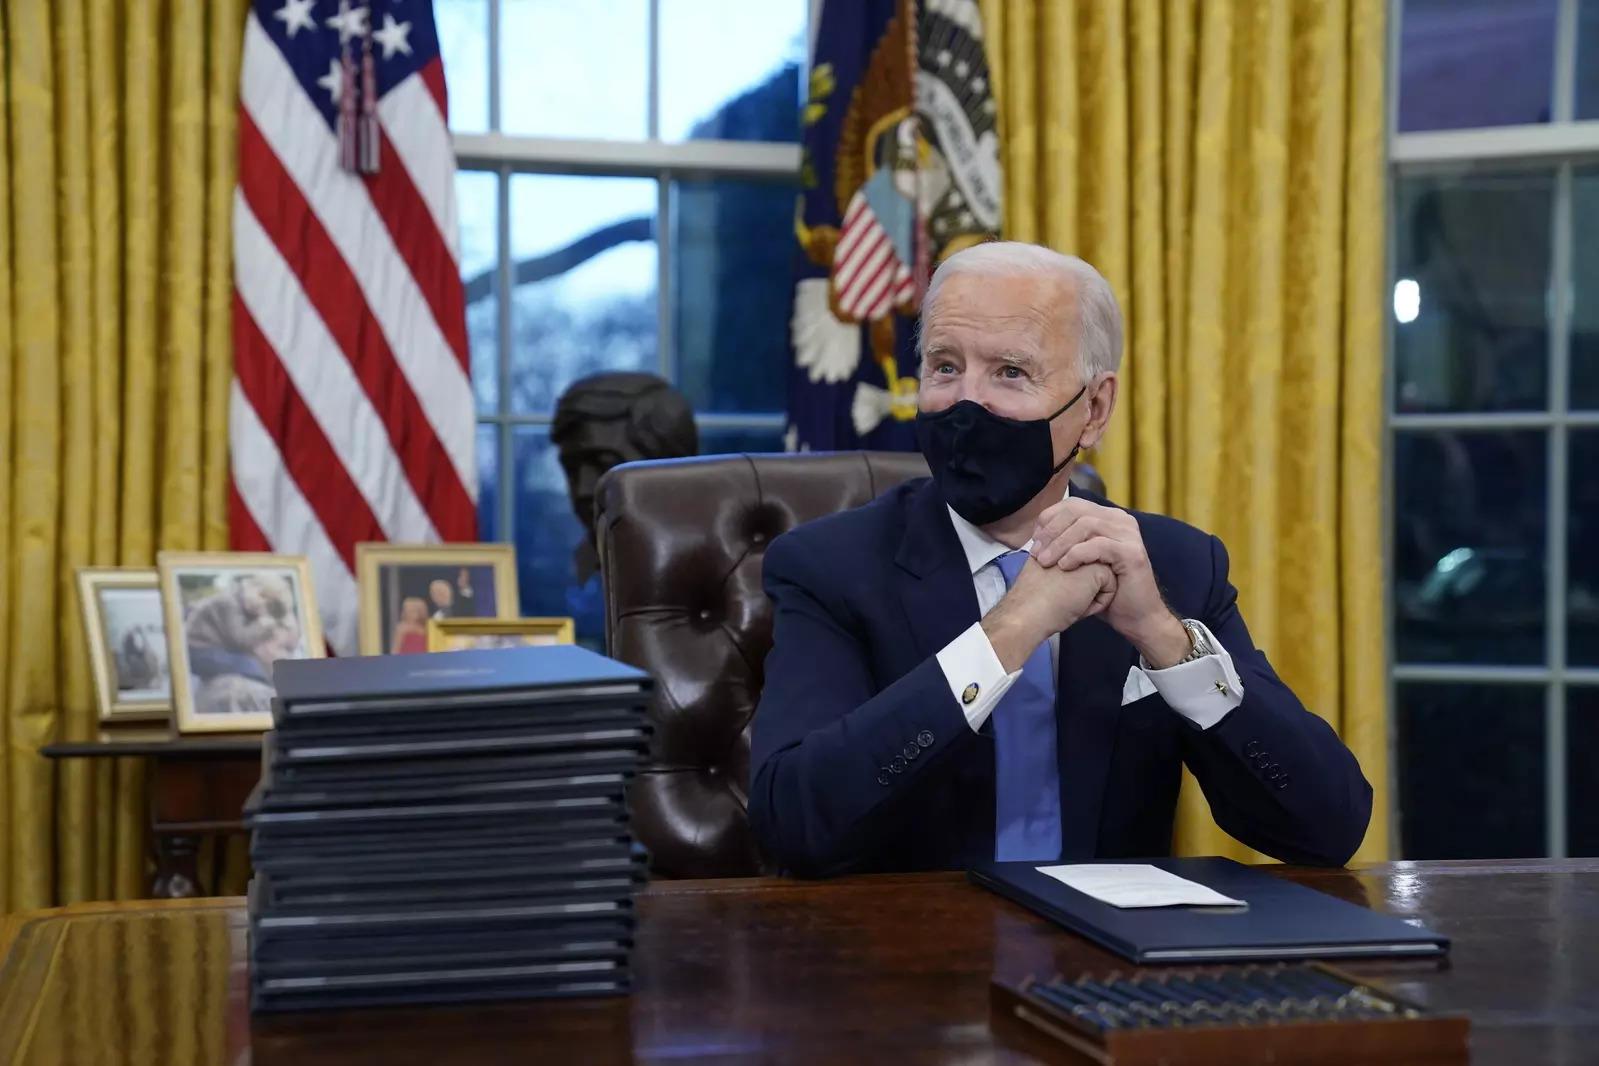 La dirección de Biden nombra a los indoamericanos para puestos clave en el sector energético